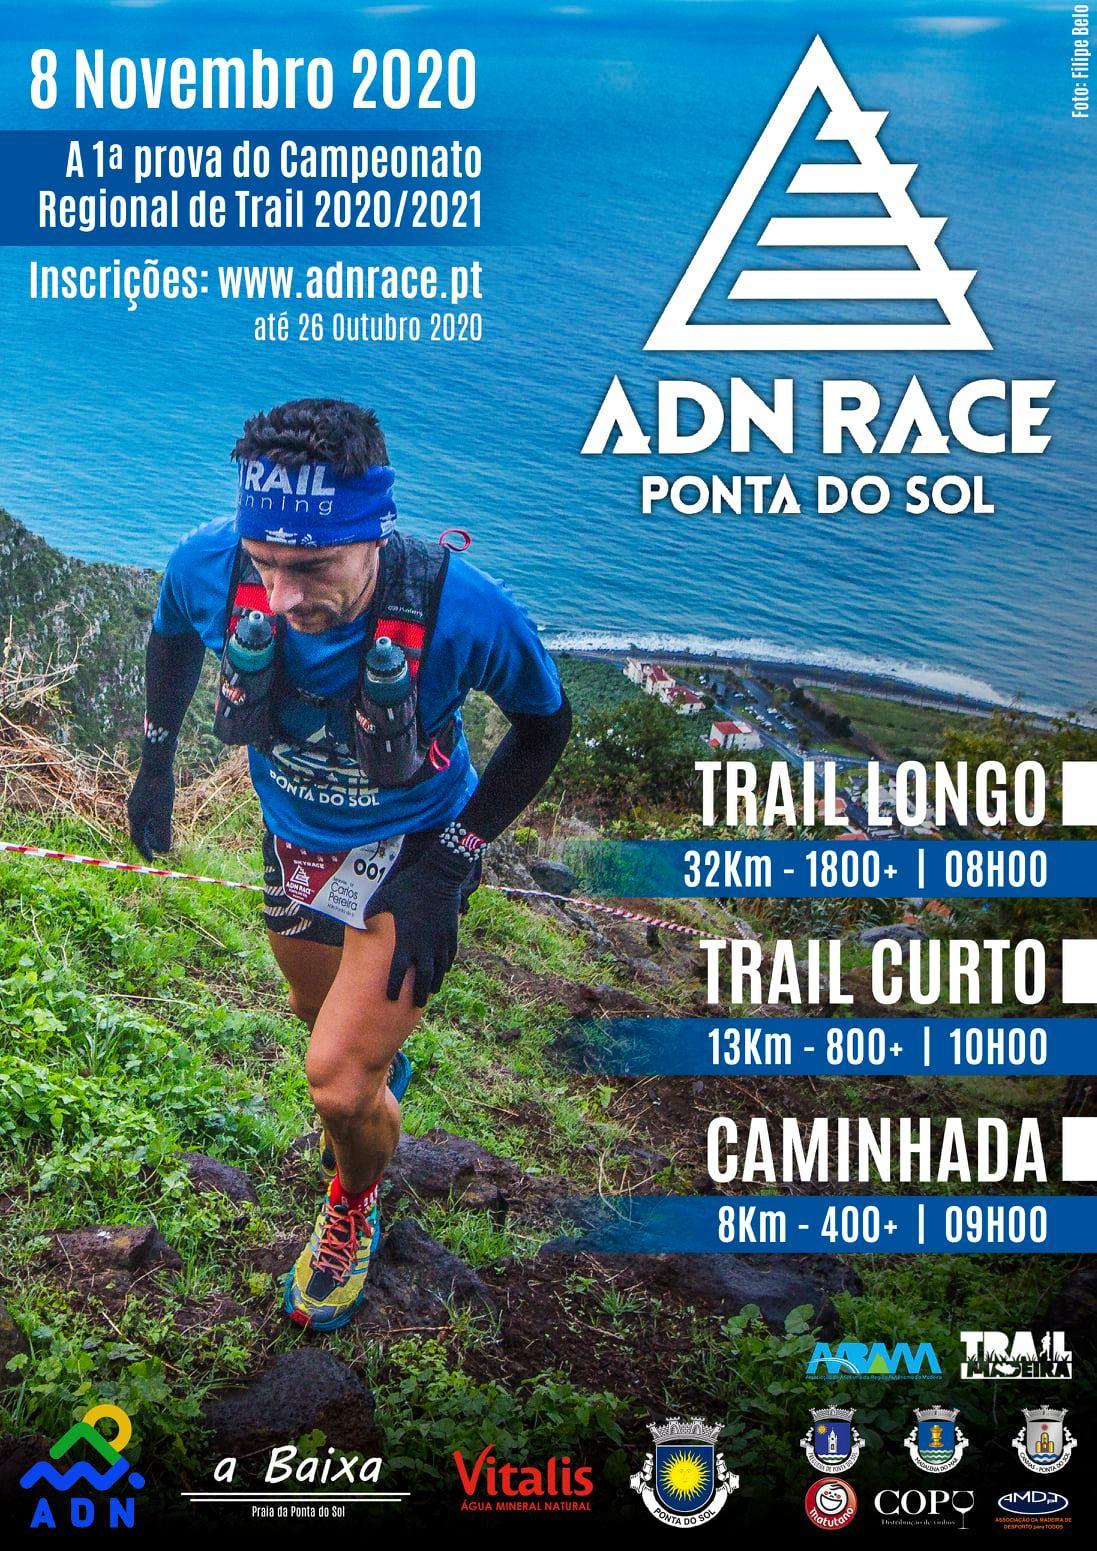 ADN Race Ponta do Sol | 2020